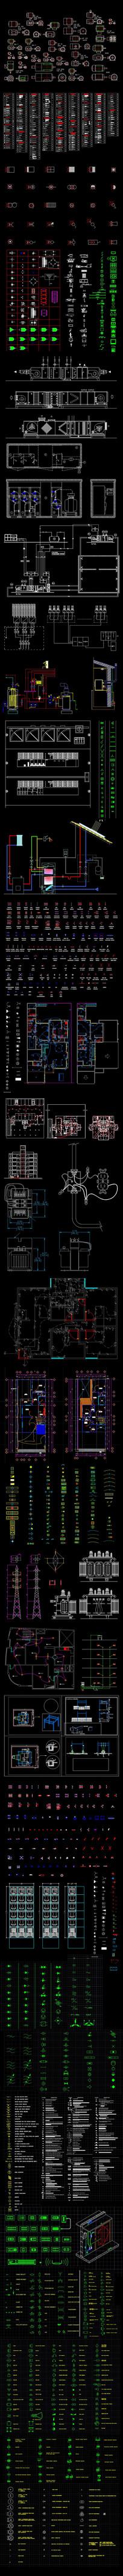 电力电路系统CAD图纸集合